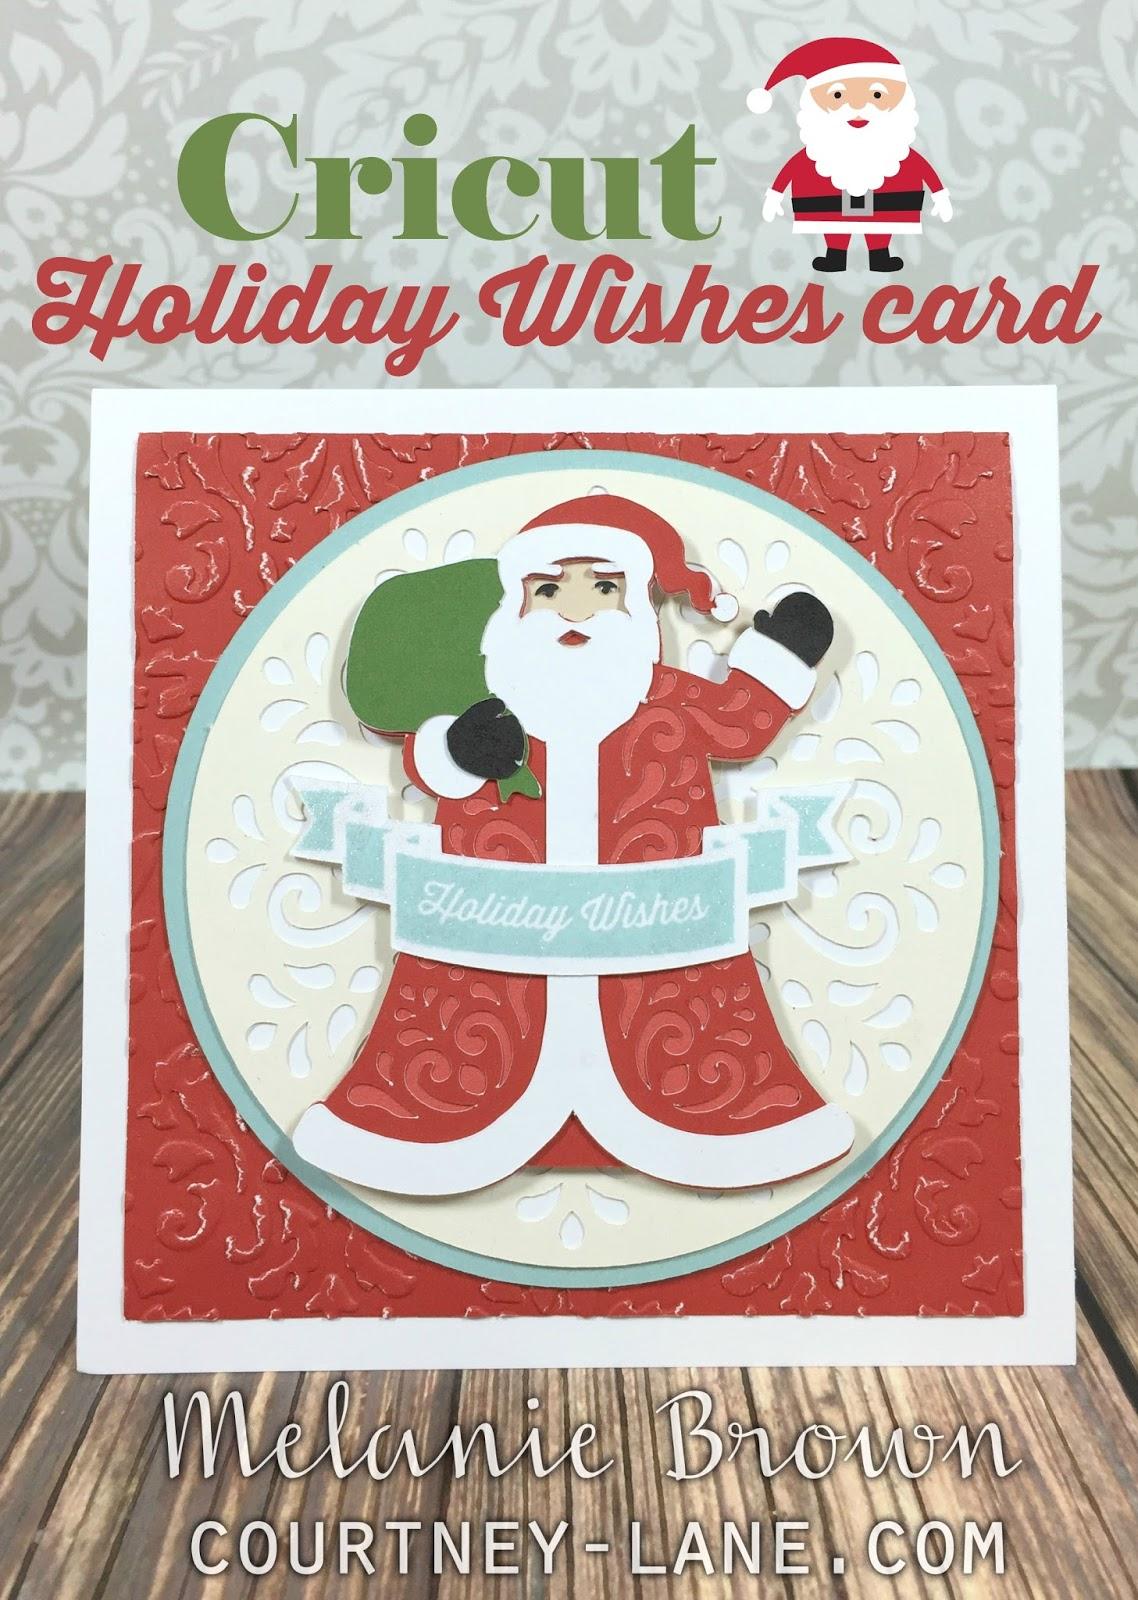 Cricut Christmas Card Ideas ✓ The Best Christmas Gifts